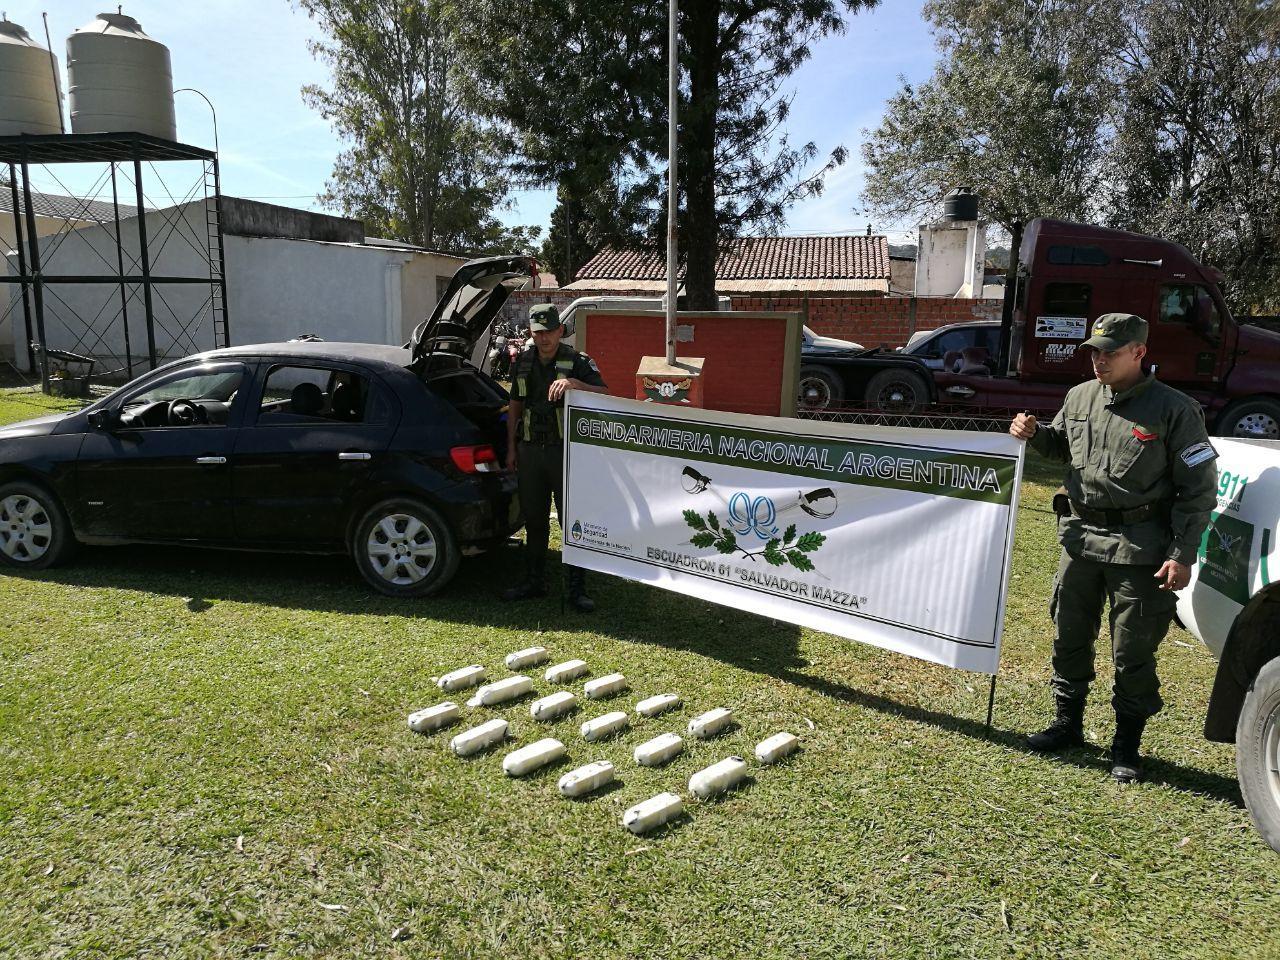 Incautaron más de 18 kilos de cocaína en un auto — Salvador Mazza